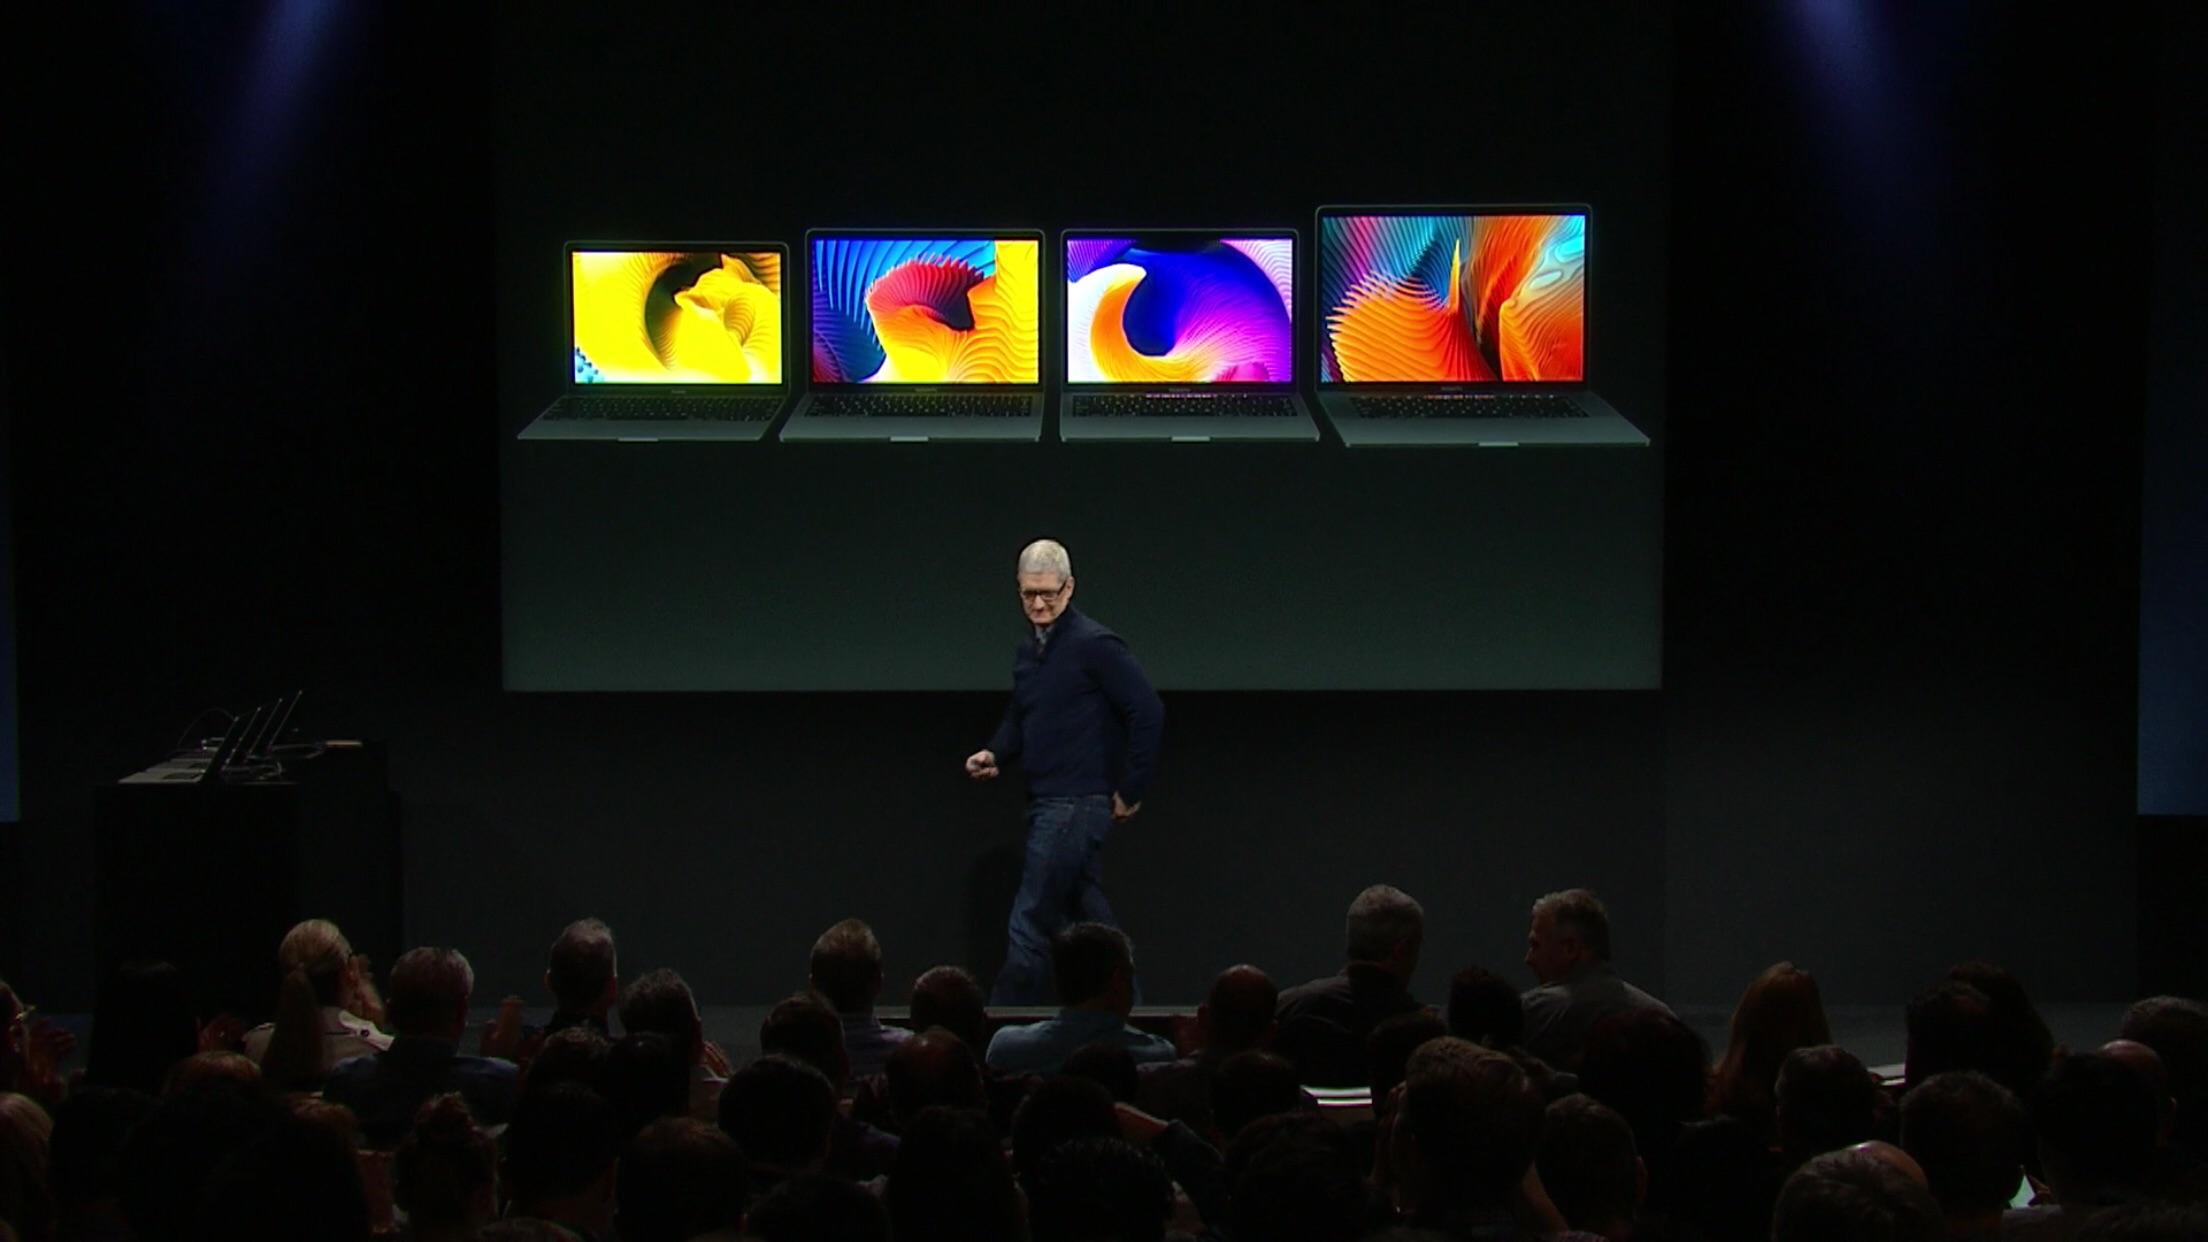 macbook line up keynote